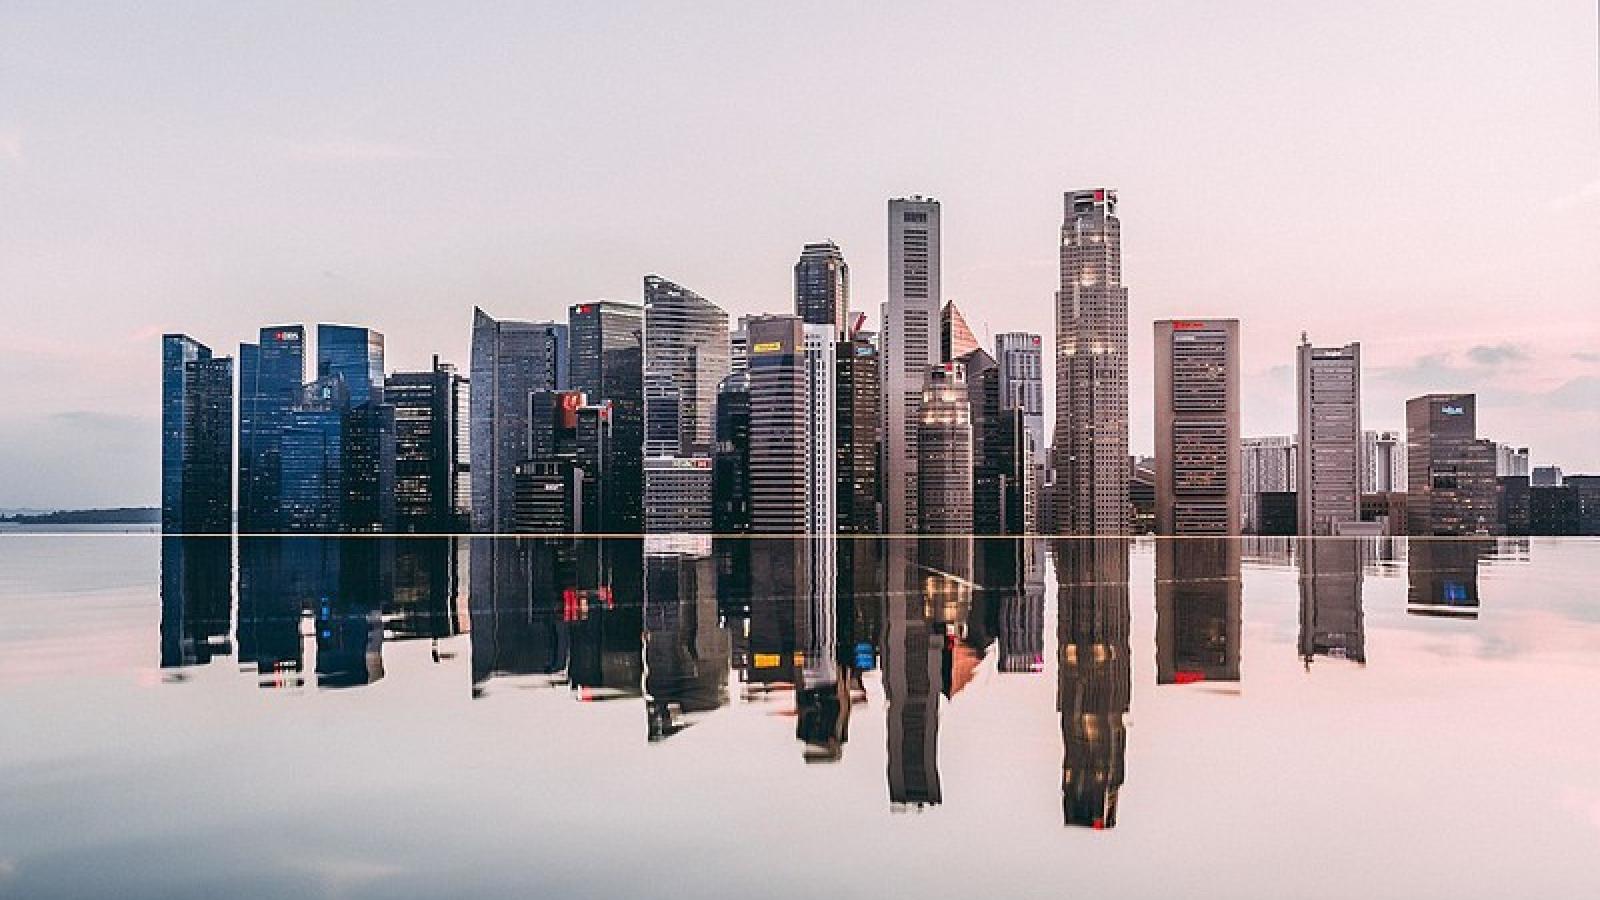 Kinh tế Singapore lao dốc do ảnh hưởng từ dịch Covid-19